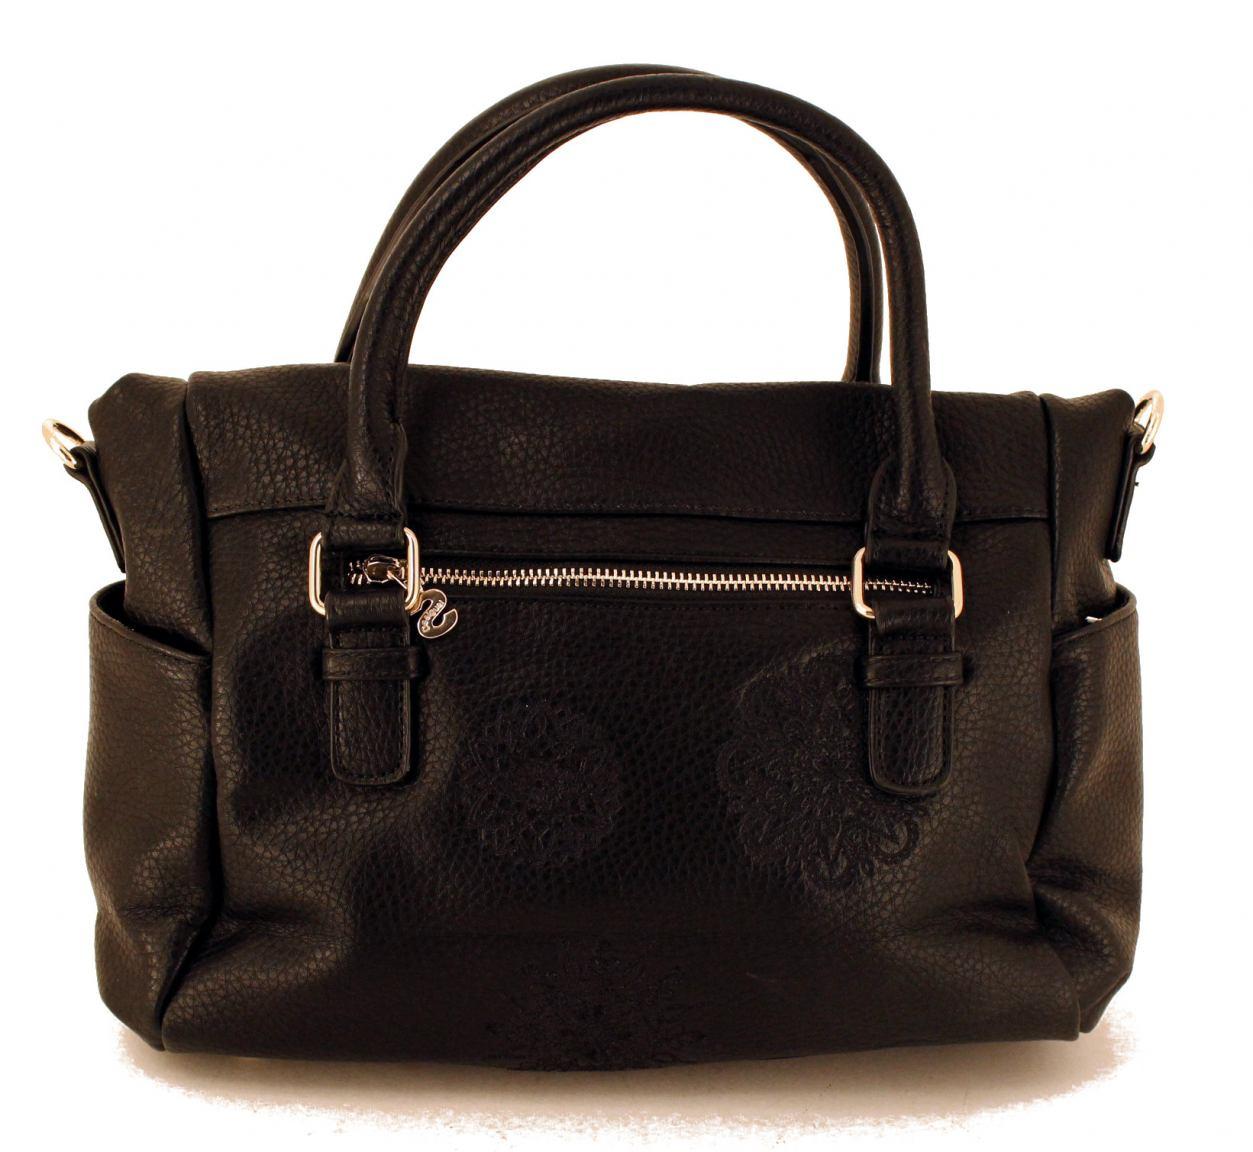 f3f5ea91efabf Desigual Henkeltasche Dark Amber Loverty schwarz bestickt - Bags   more